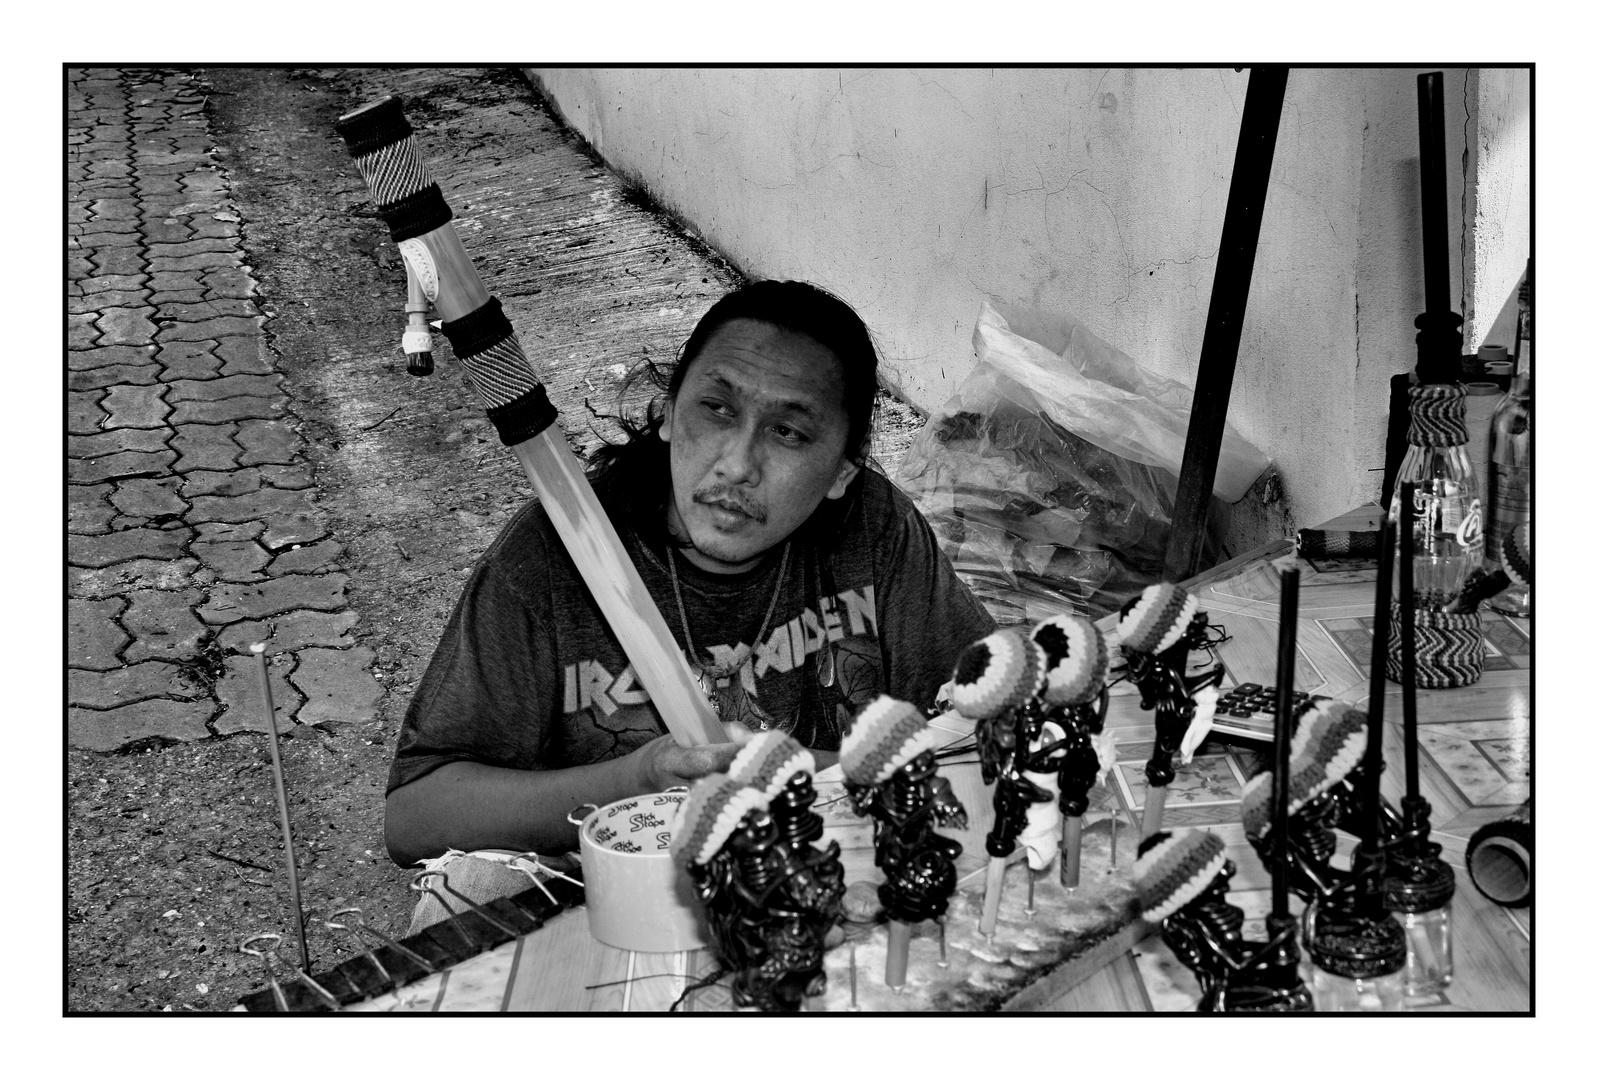 Handcraft Worker on Street @ Lamai